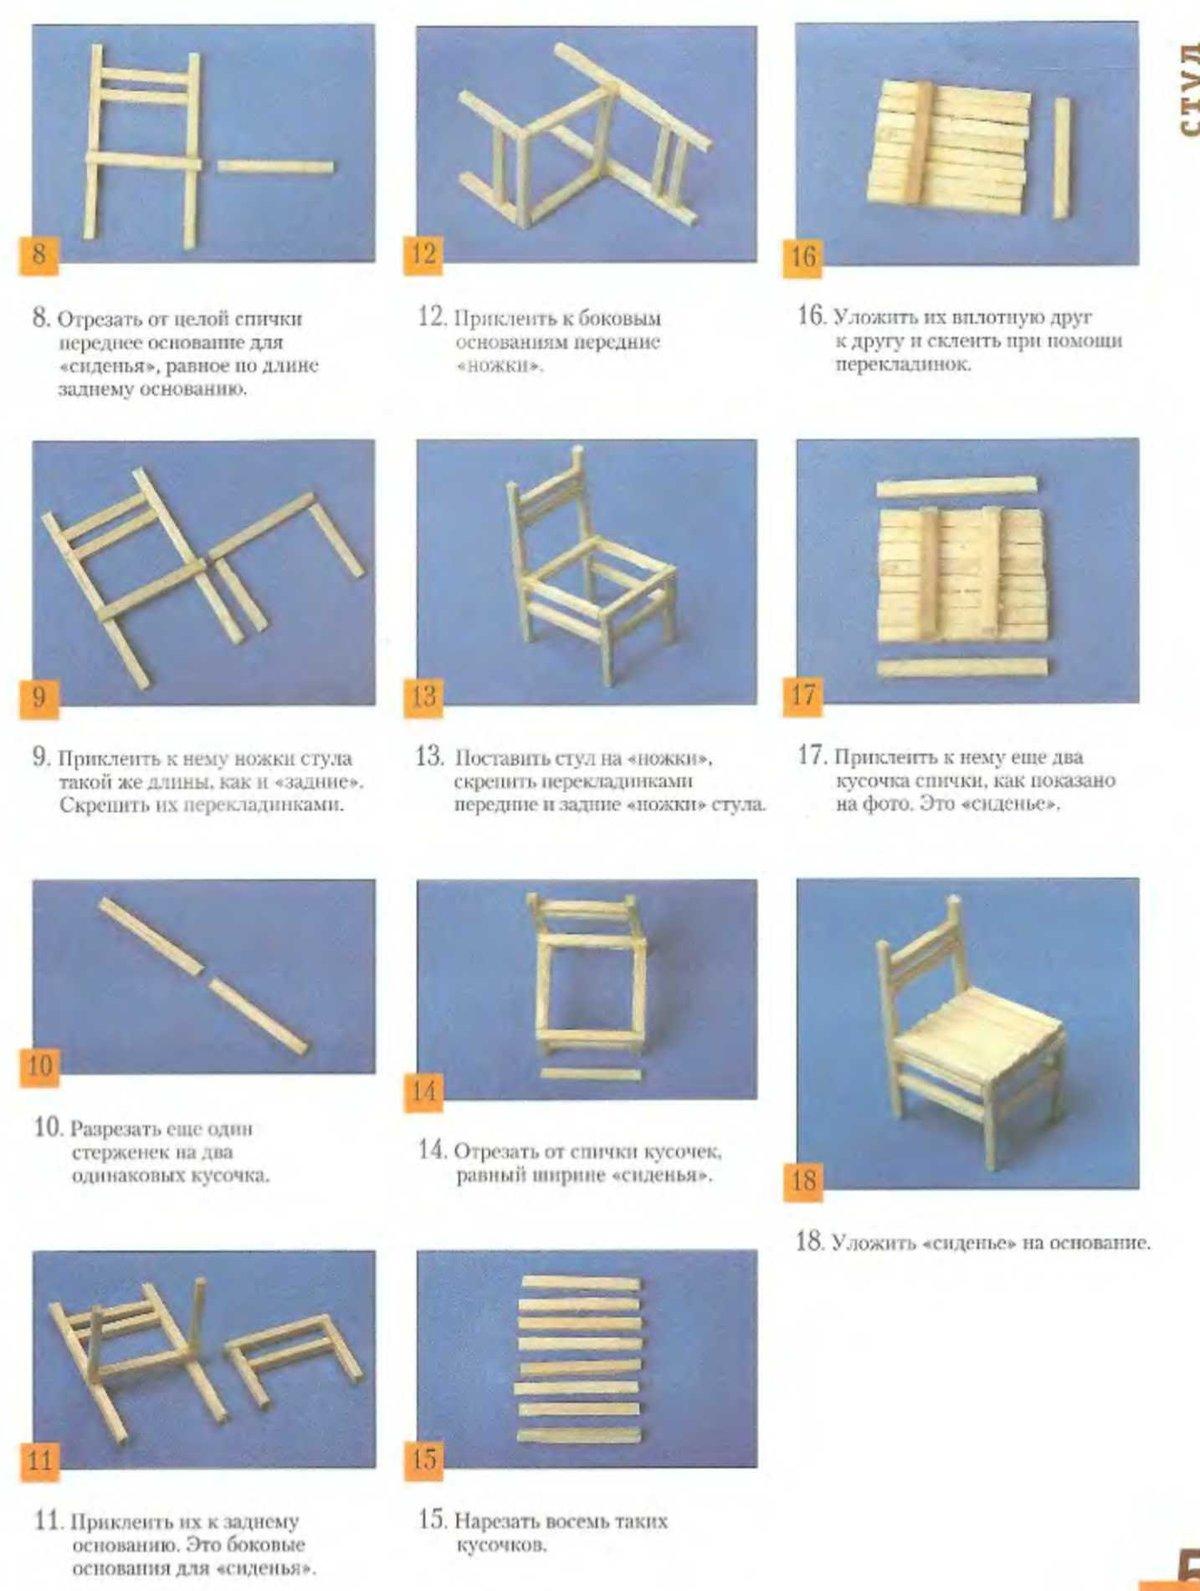 Поделки из спичек с клеем схемы для начинающих дома 19